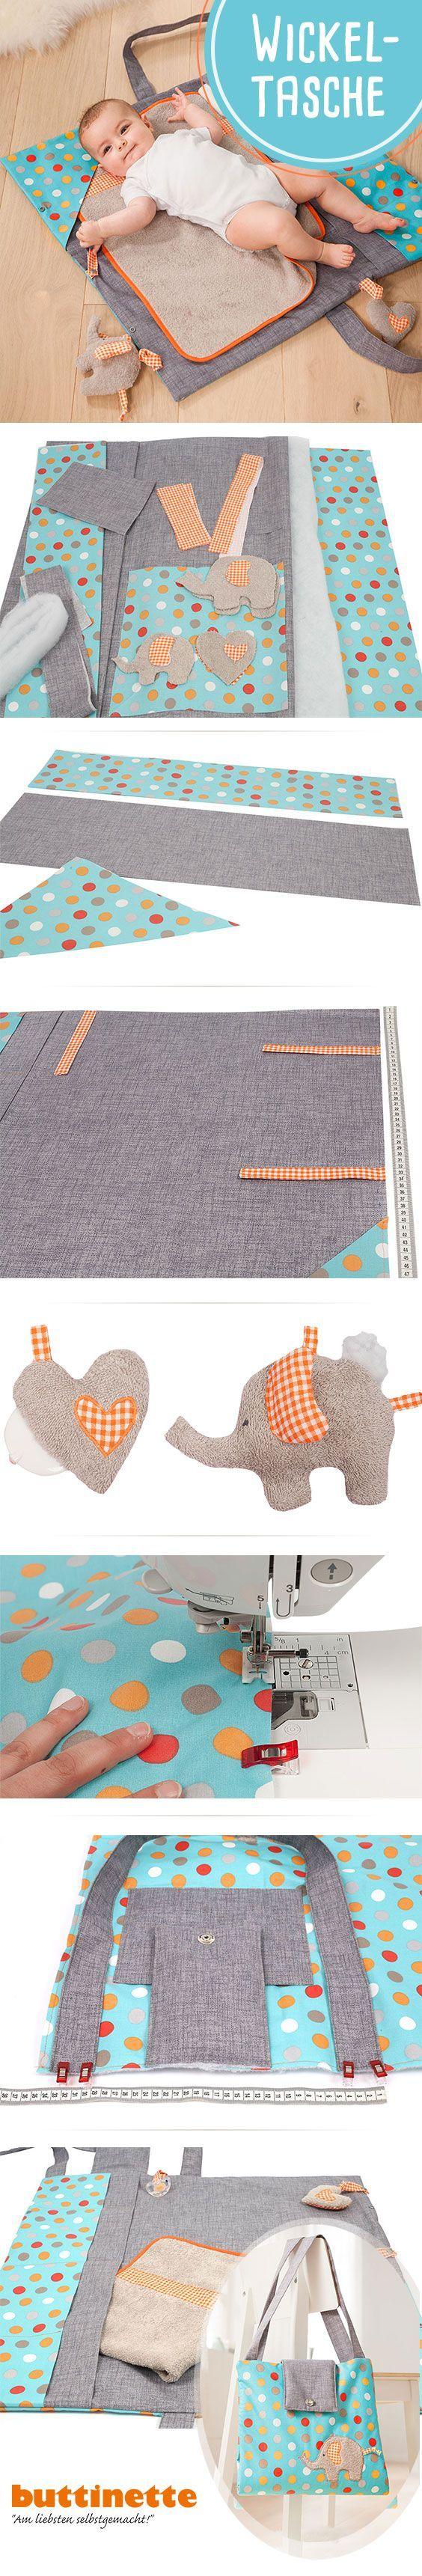 Nähanleitung: Wickeltasche mit Loxx-Verschluss #textilepatterns